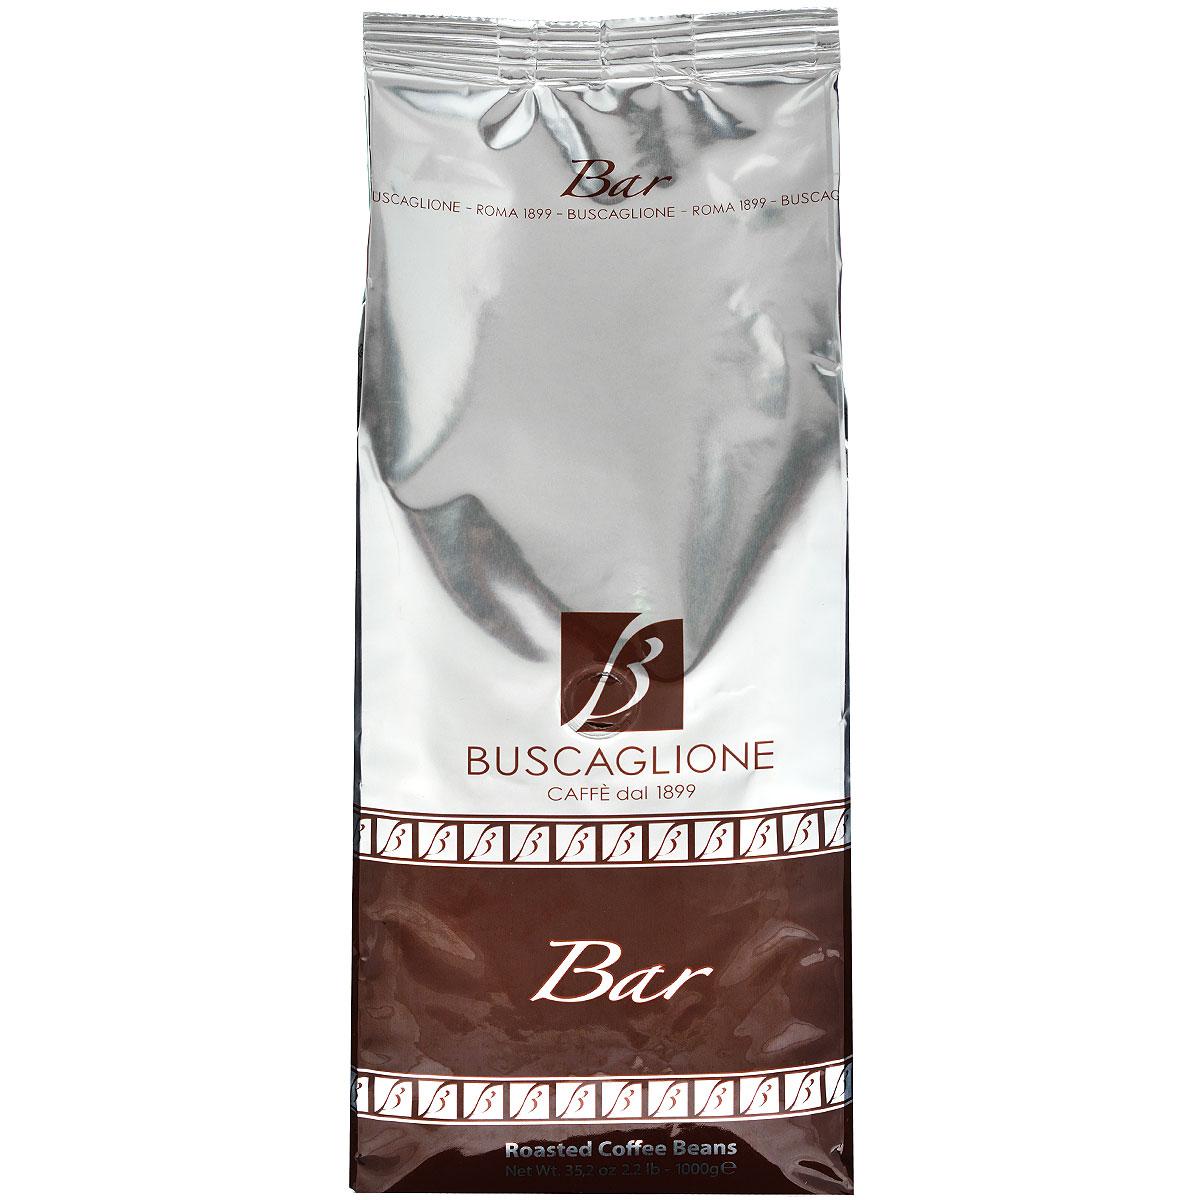 Buscaglione Bar кофе в зернах, 1 кг кофе в зернах buscaglione export oro 1кг